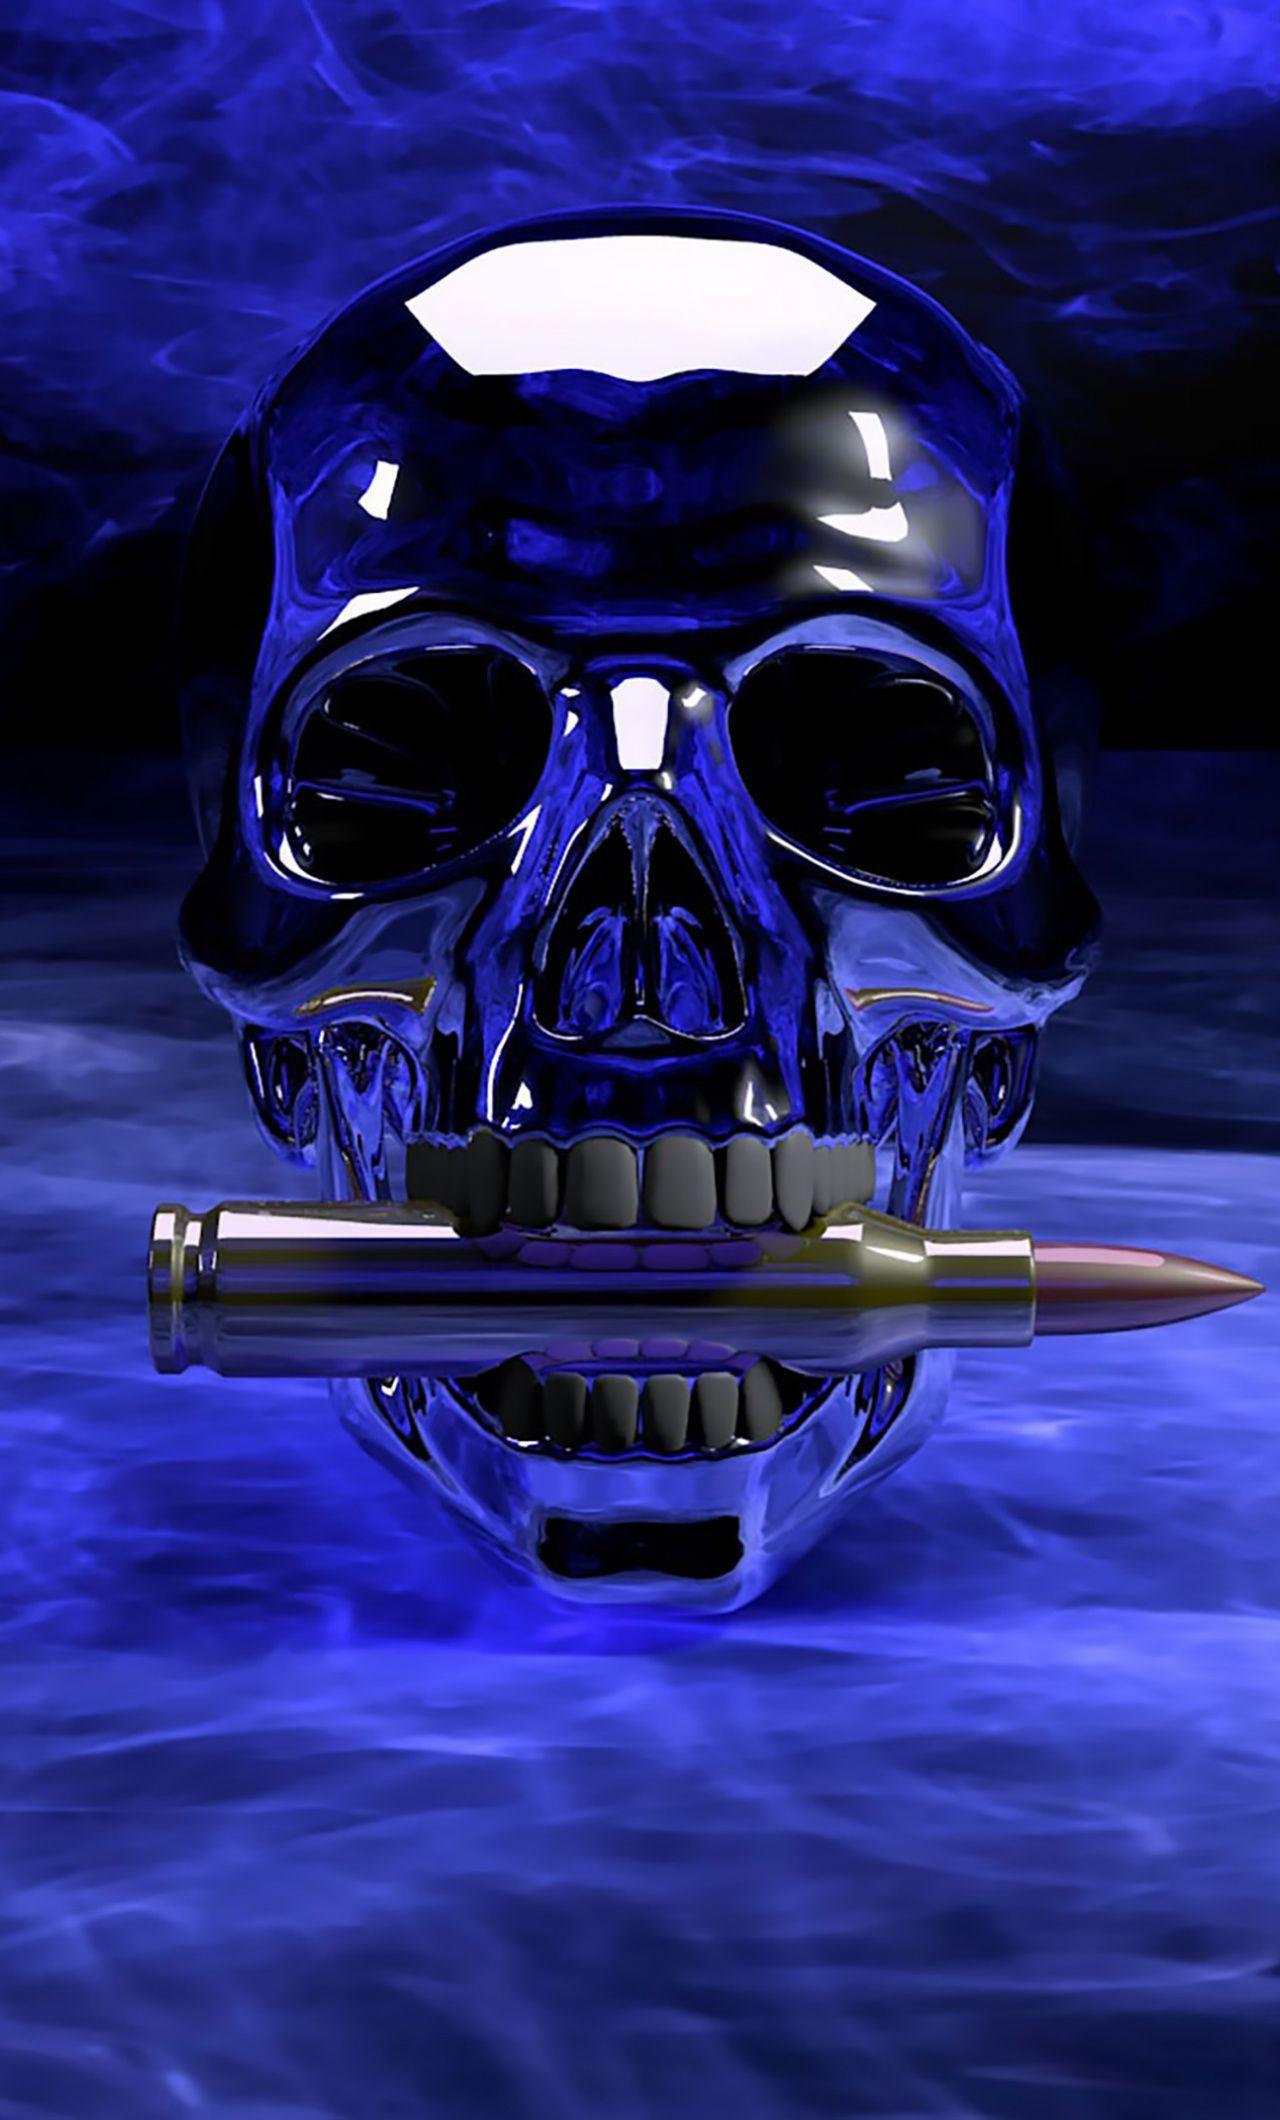 Bullet, skull, digital art, 1280x2120 wallpaper Skull